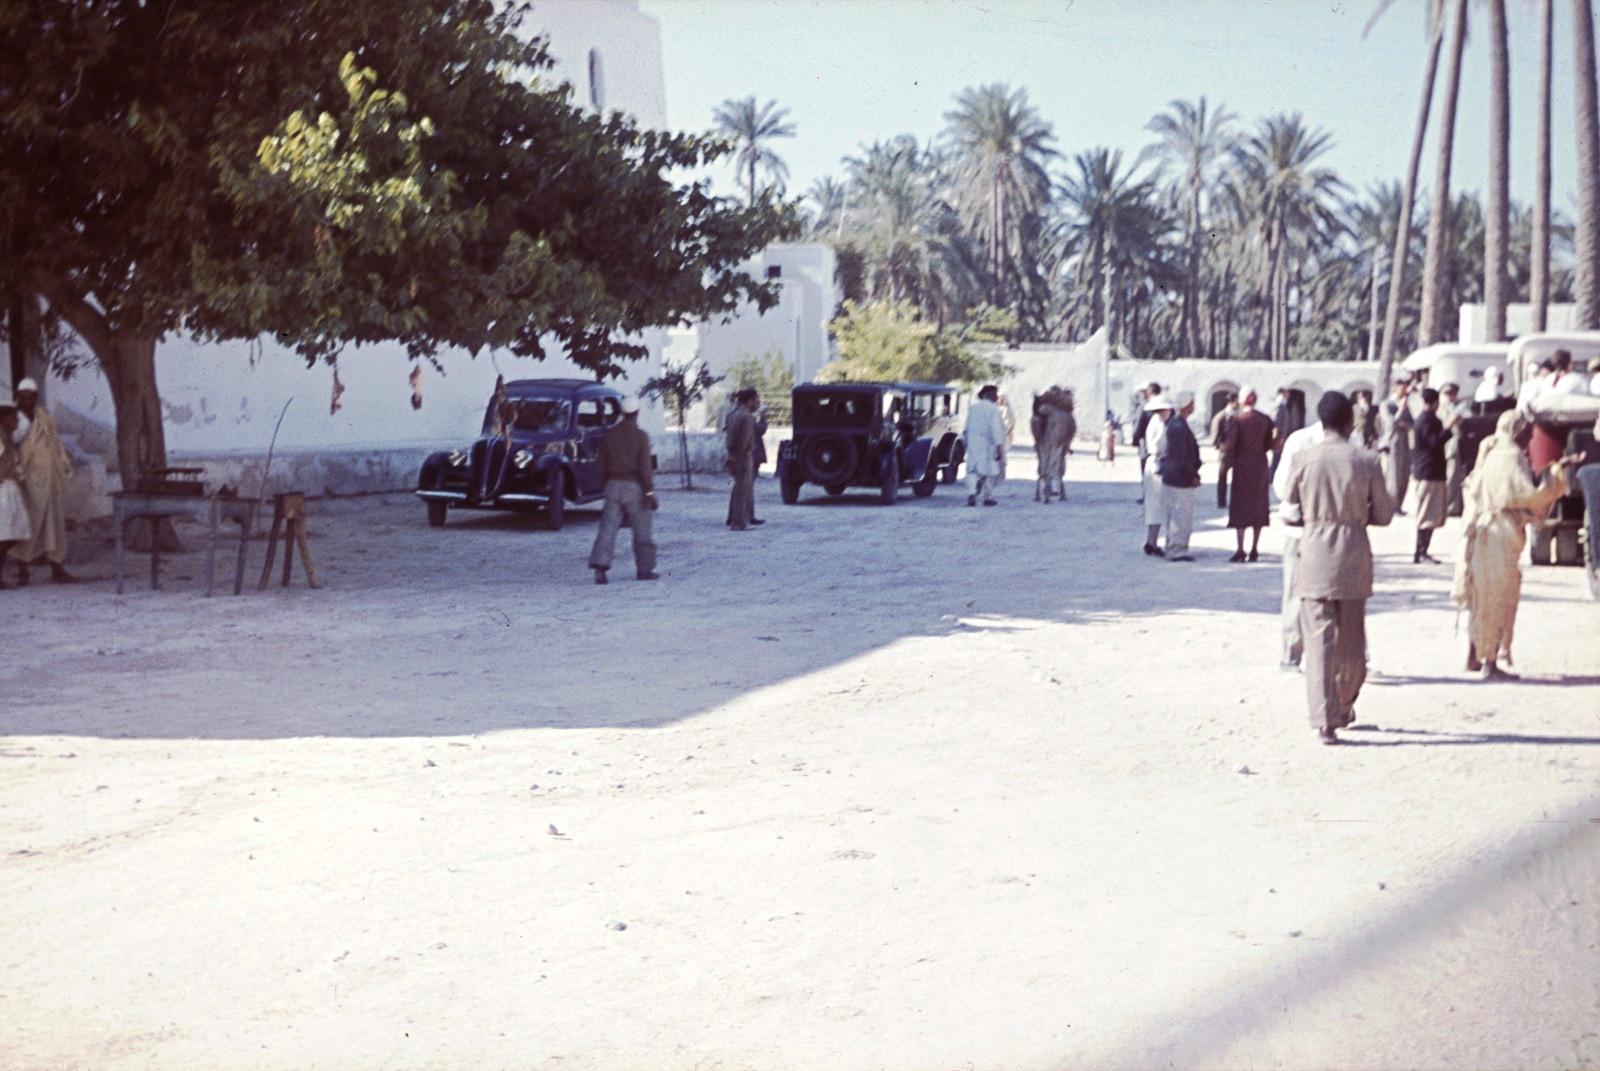 Гадамес. Уличная сцена с местными жителями, автомобилями и пальмами